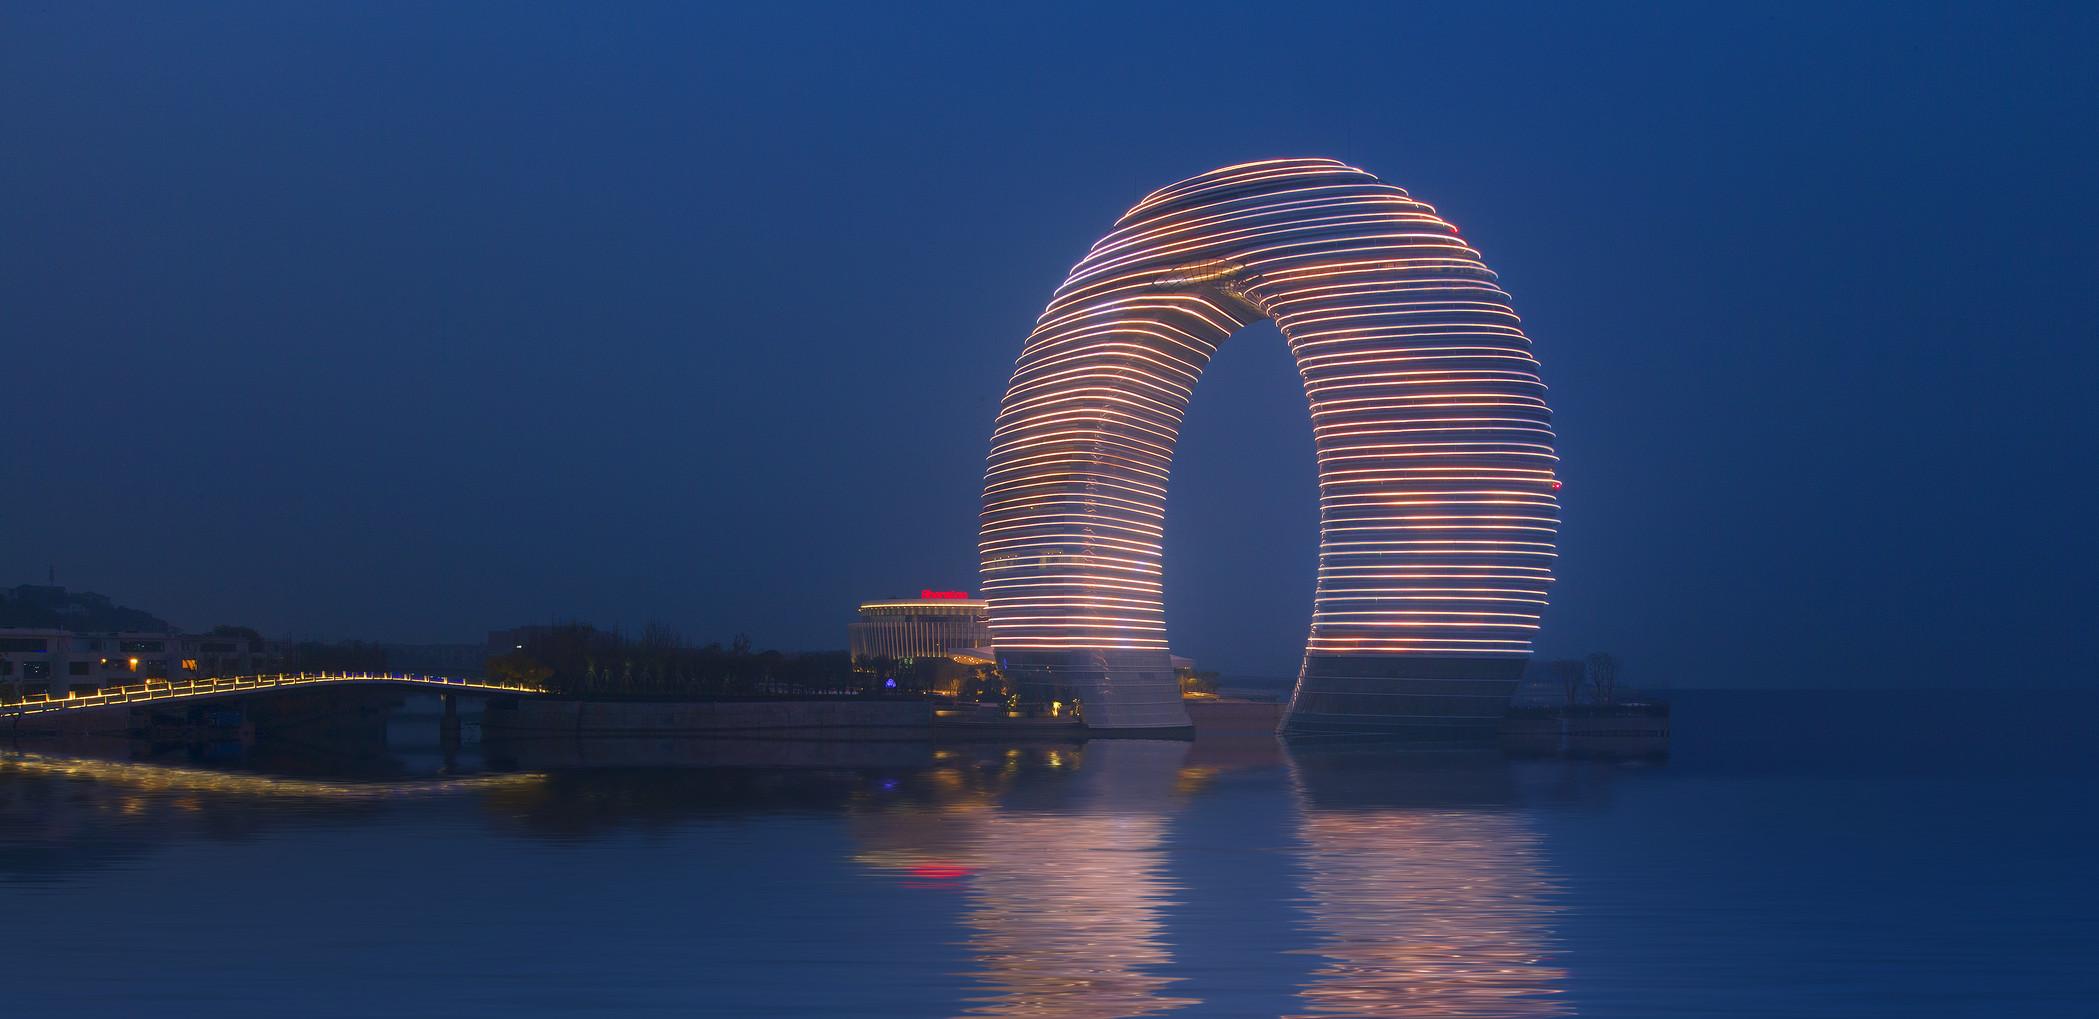 это фото карты с провинцией хучжоу министерство экологии